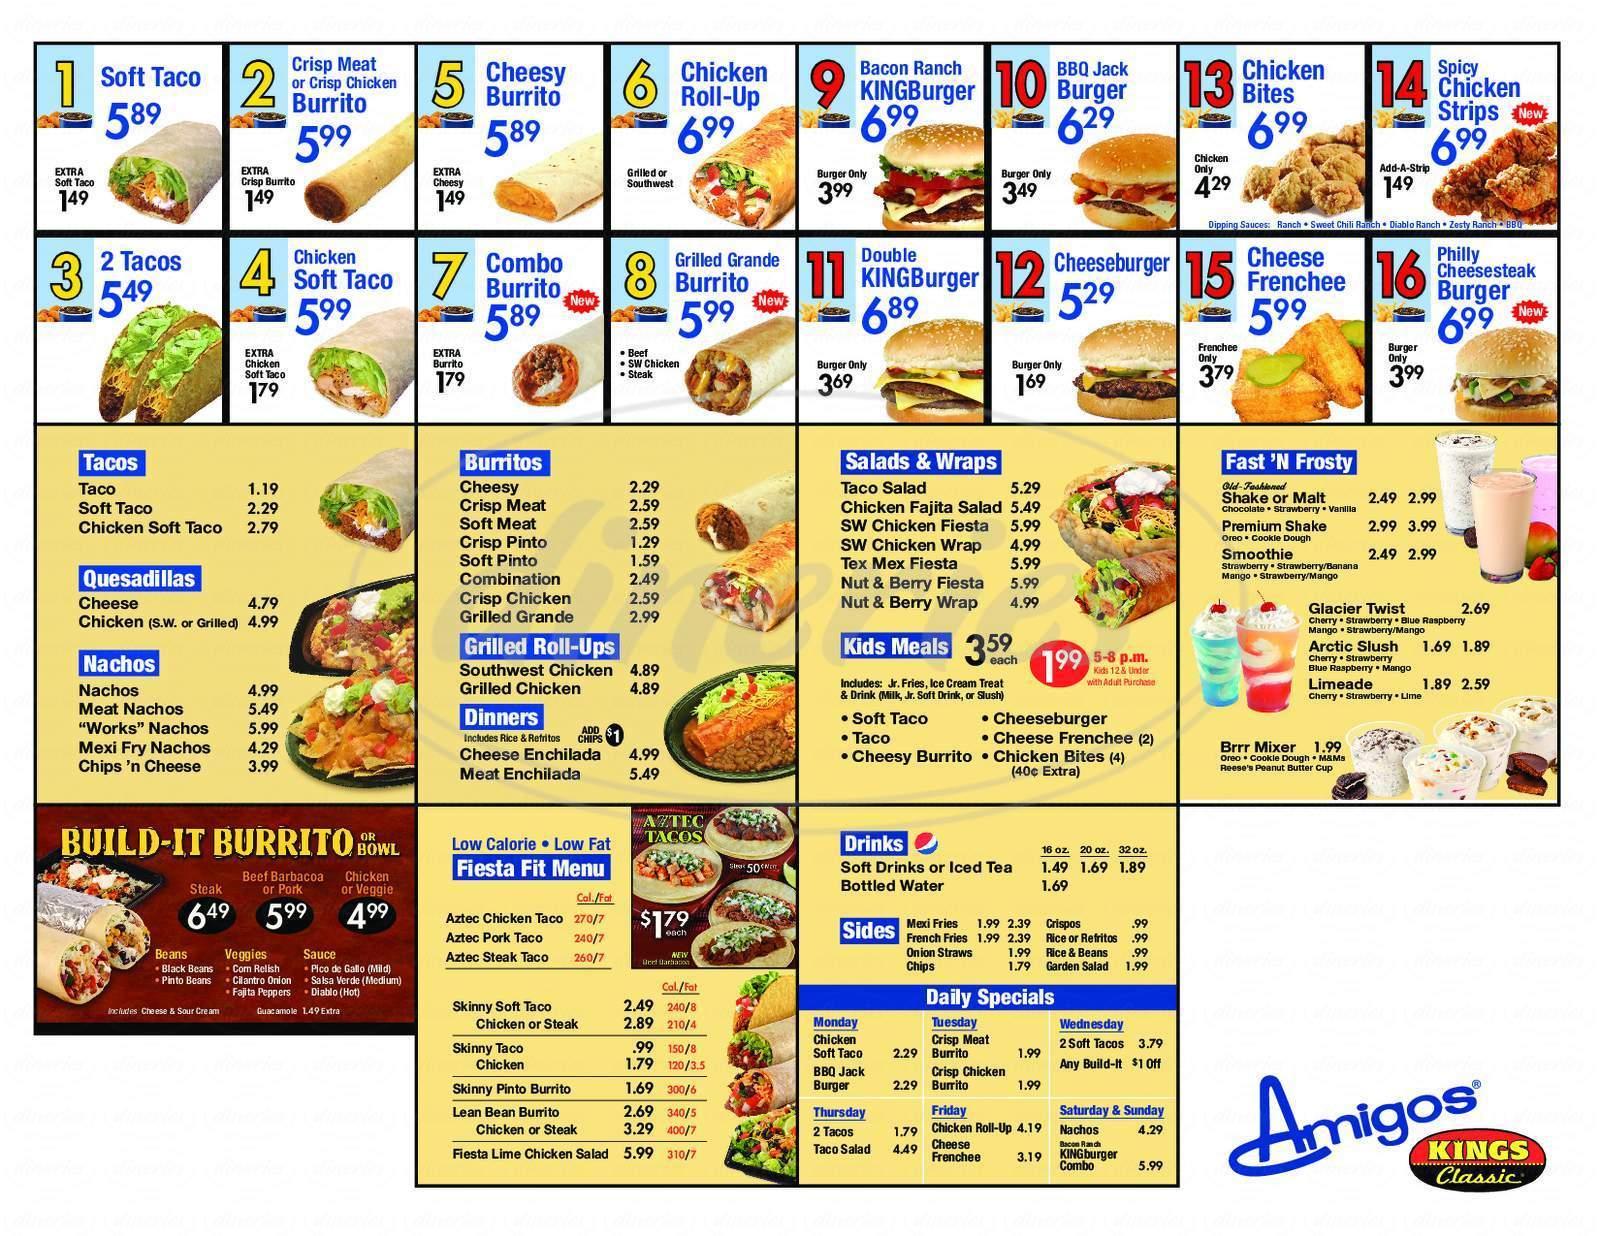 menu for Amigo's & Kings Classic